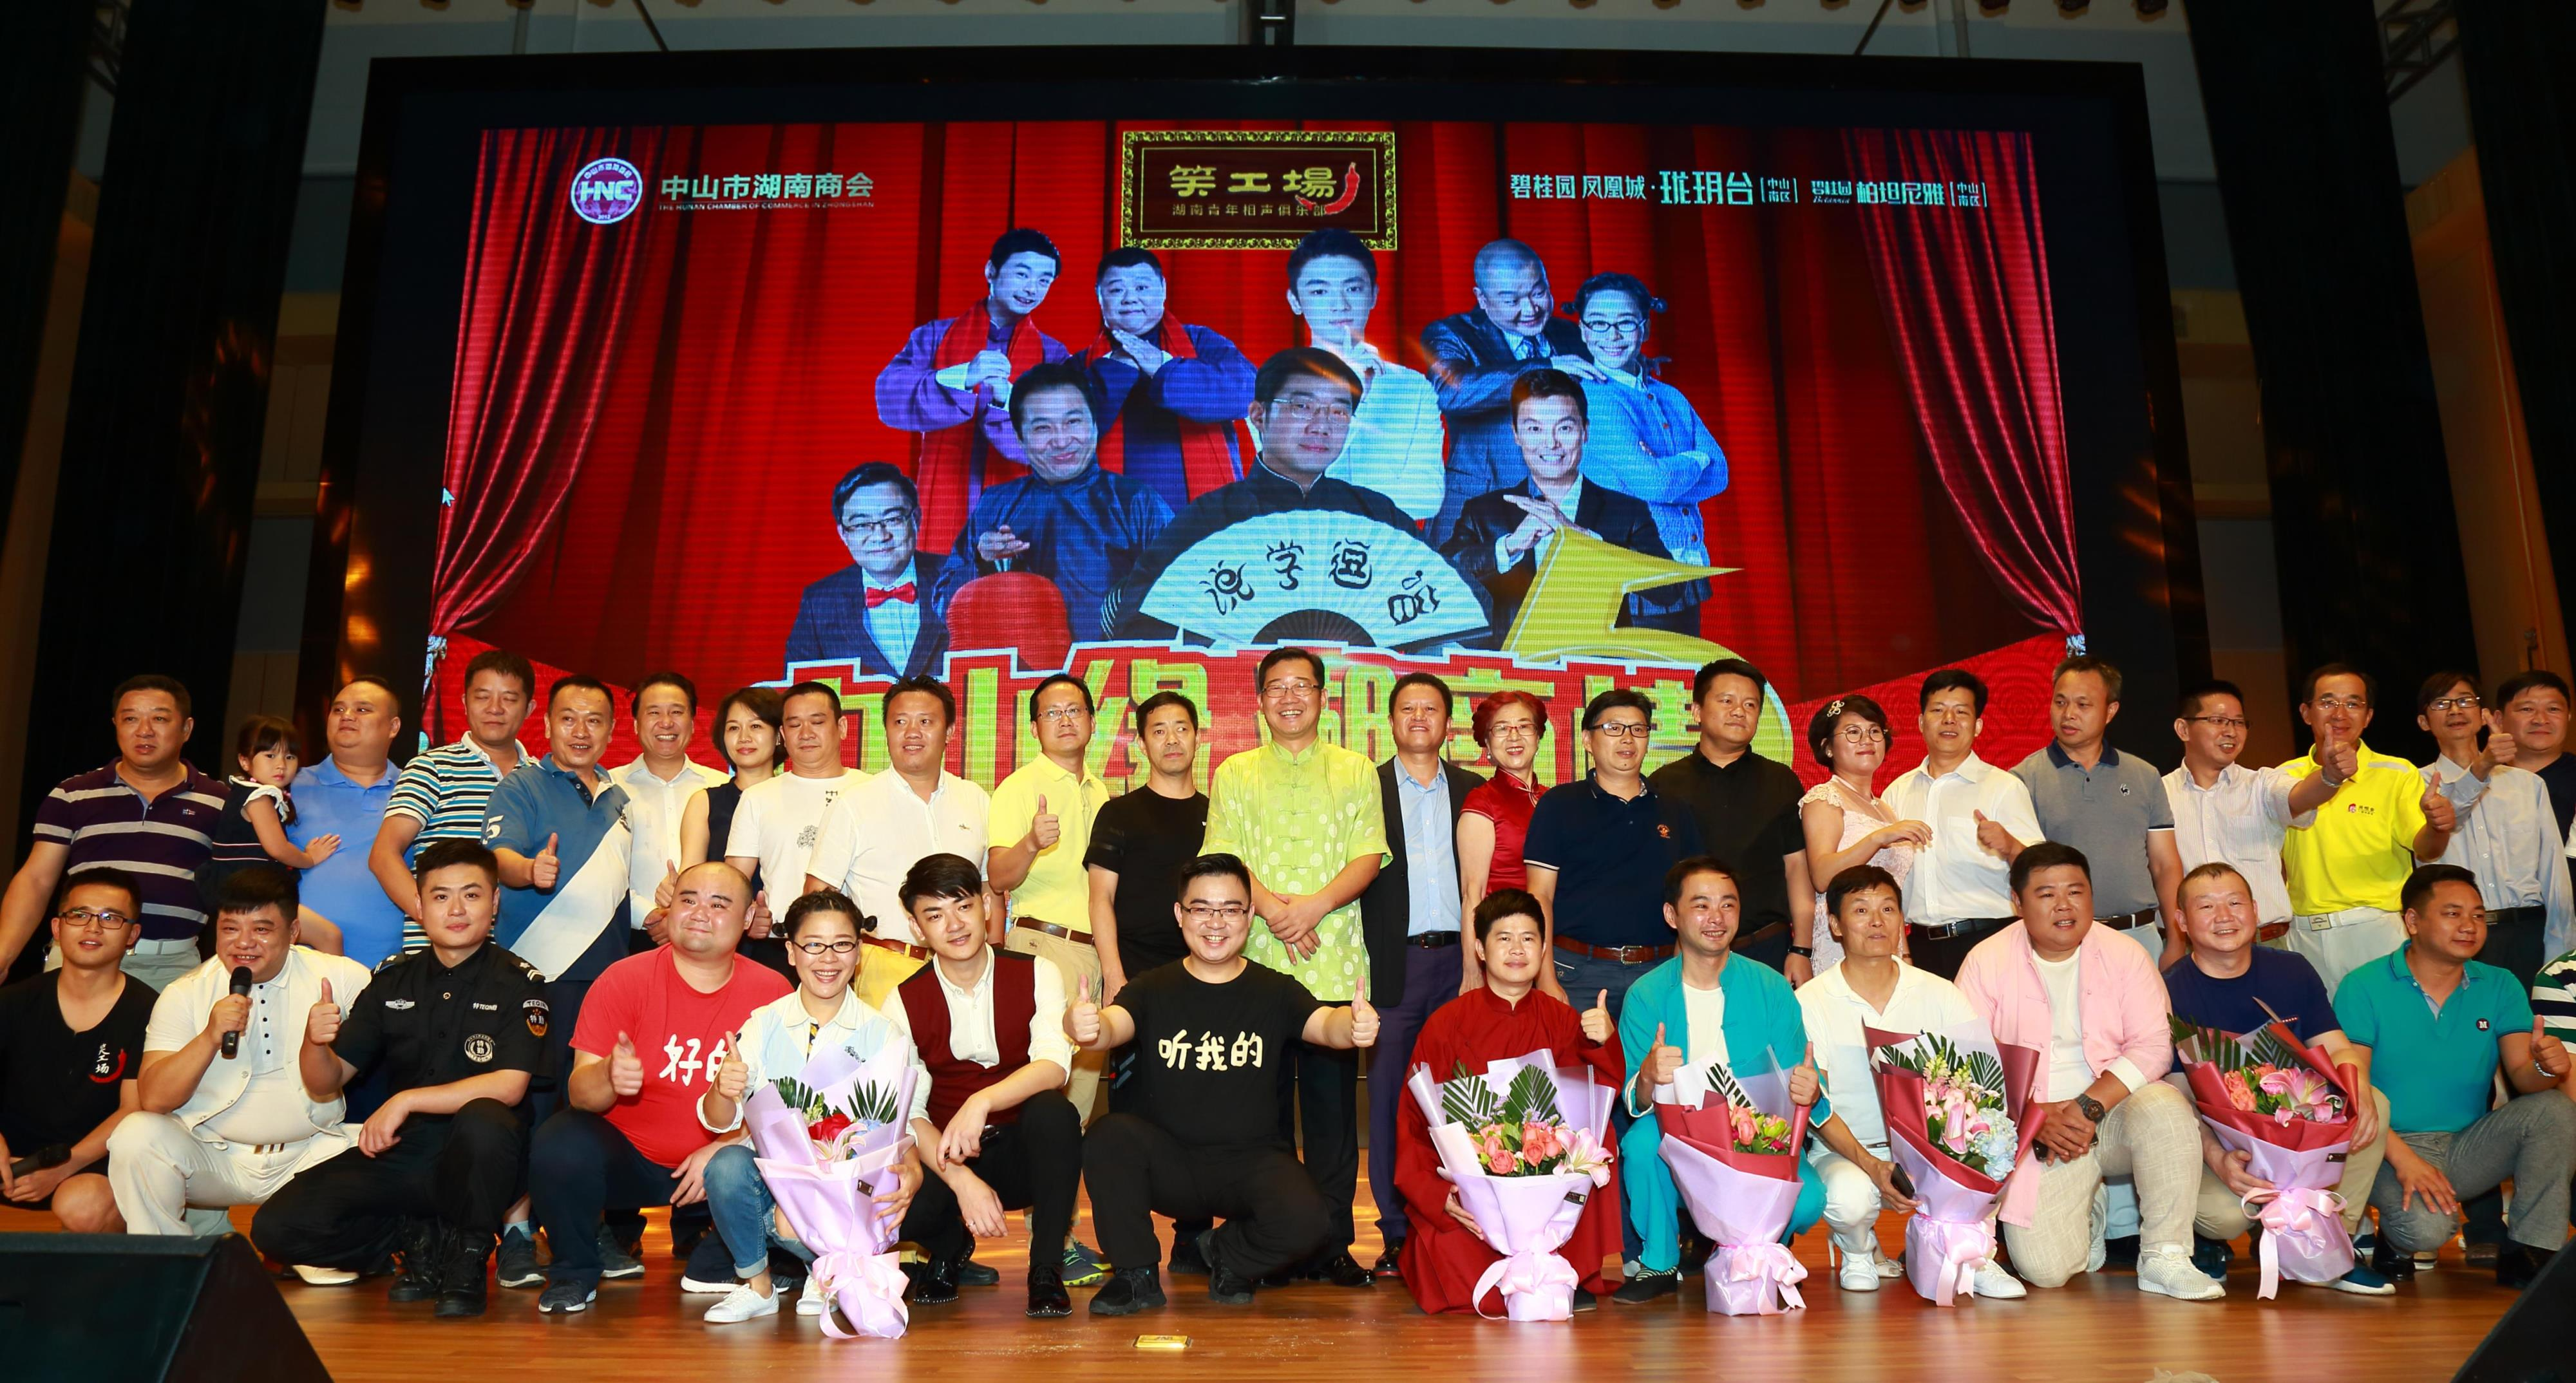 湖南商会5周年庆典